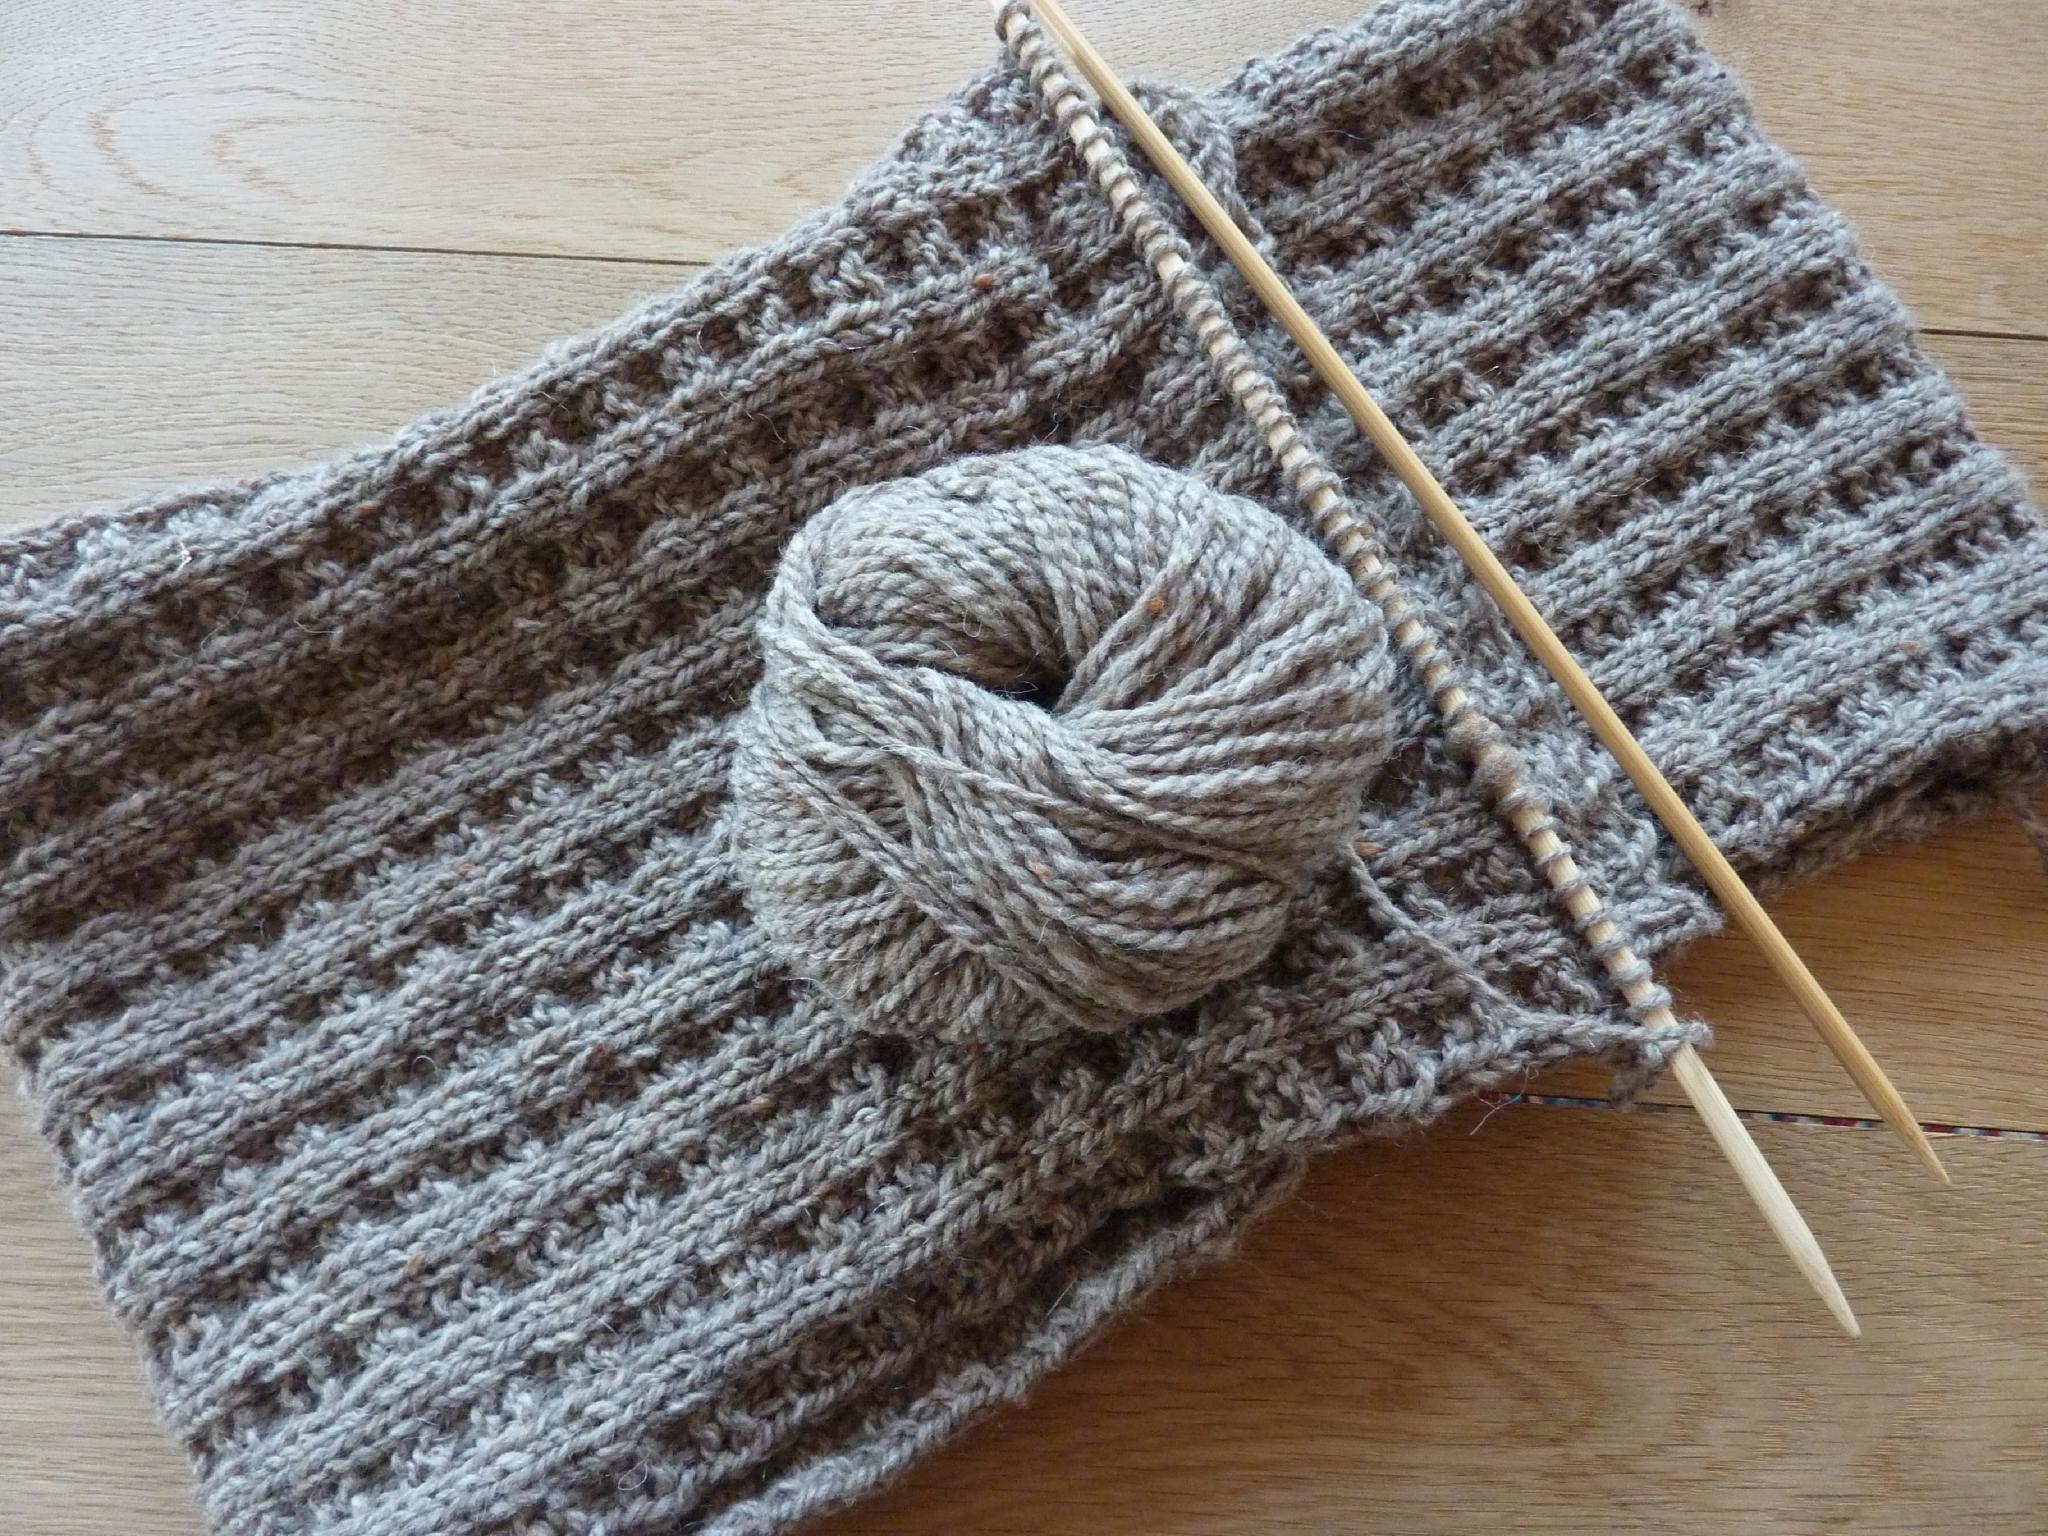 c2ad5fc6954 Comment aplatir un tricot qui roule - altoservices